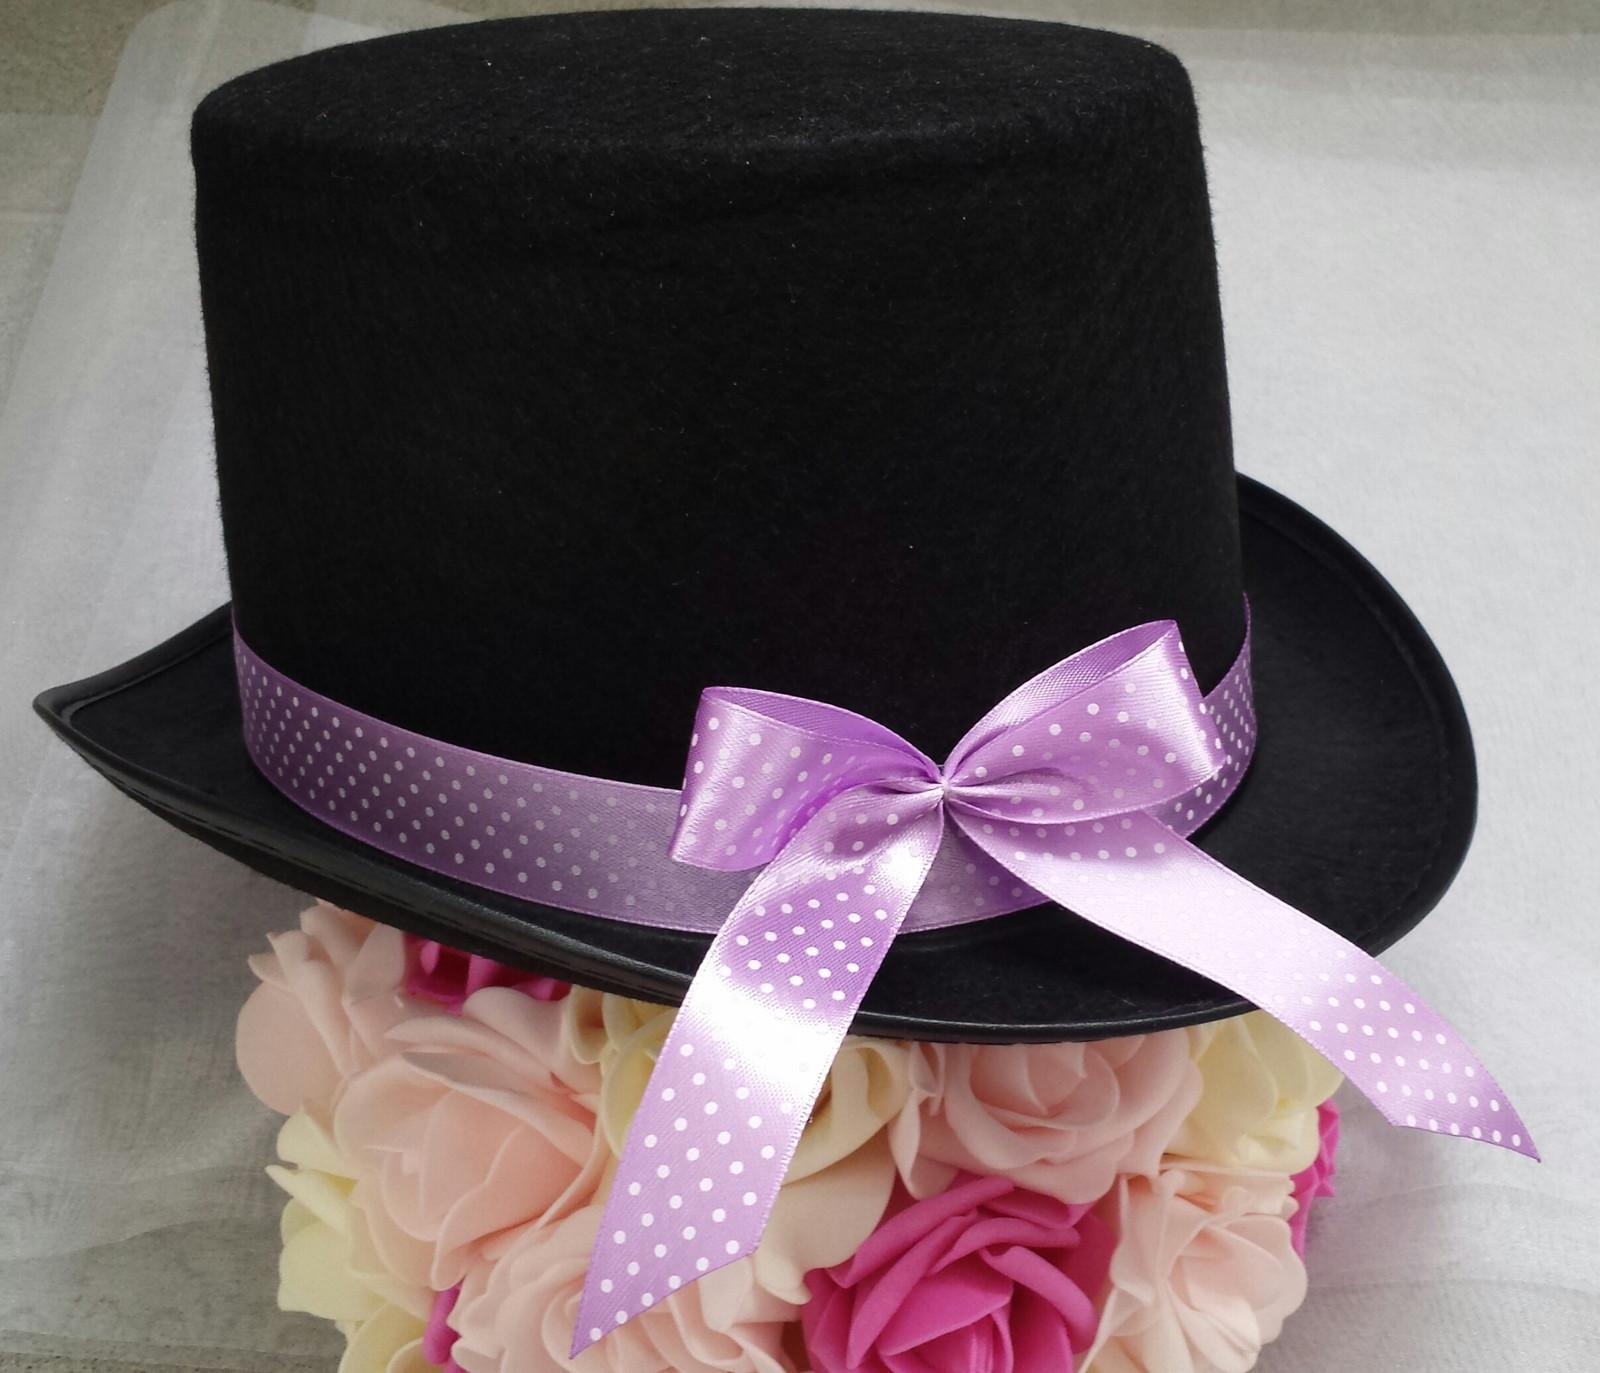 Luxusni ivory polštářek s lila kanzashi a krajkou - Obrázek č. 4